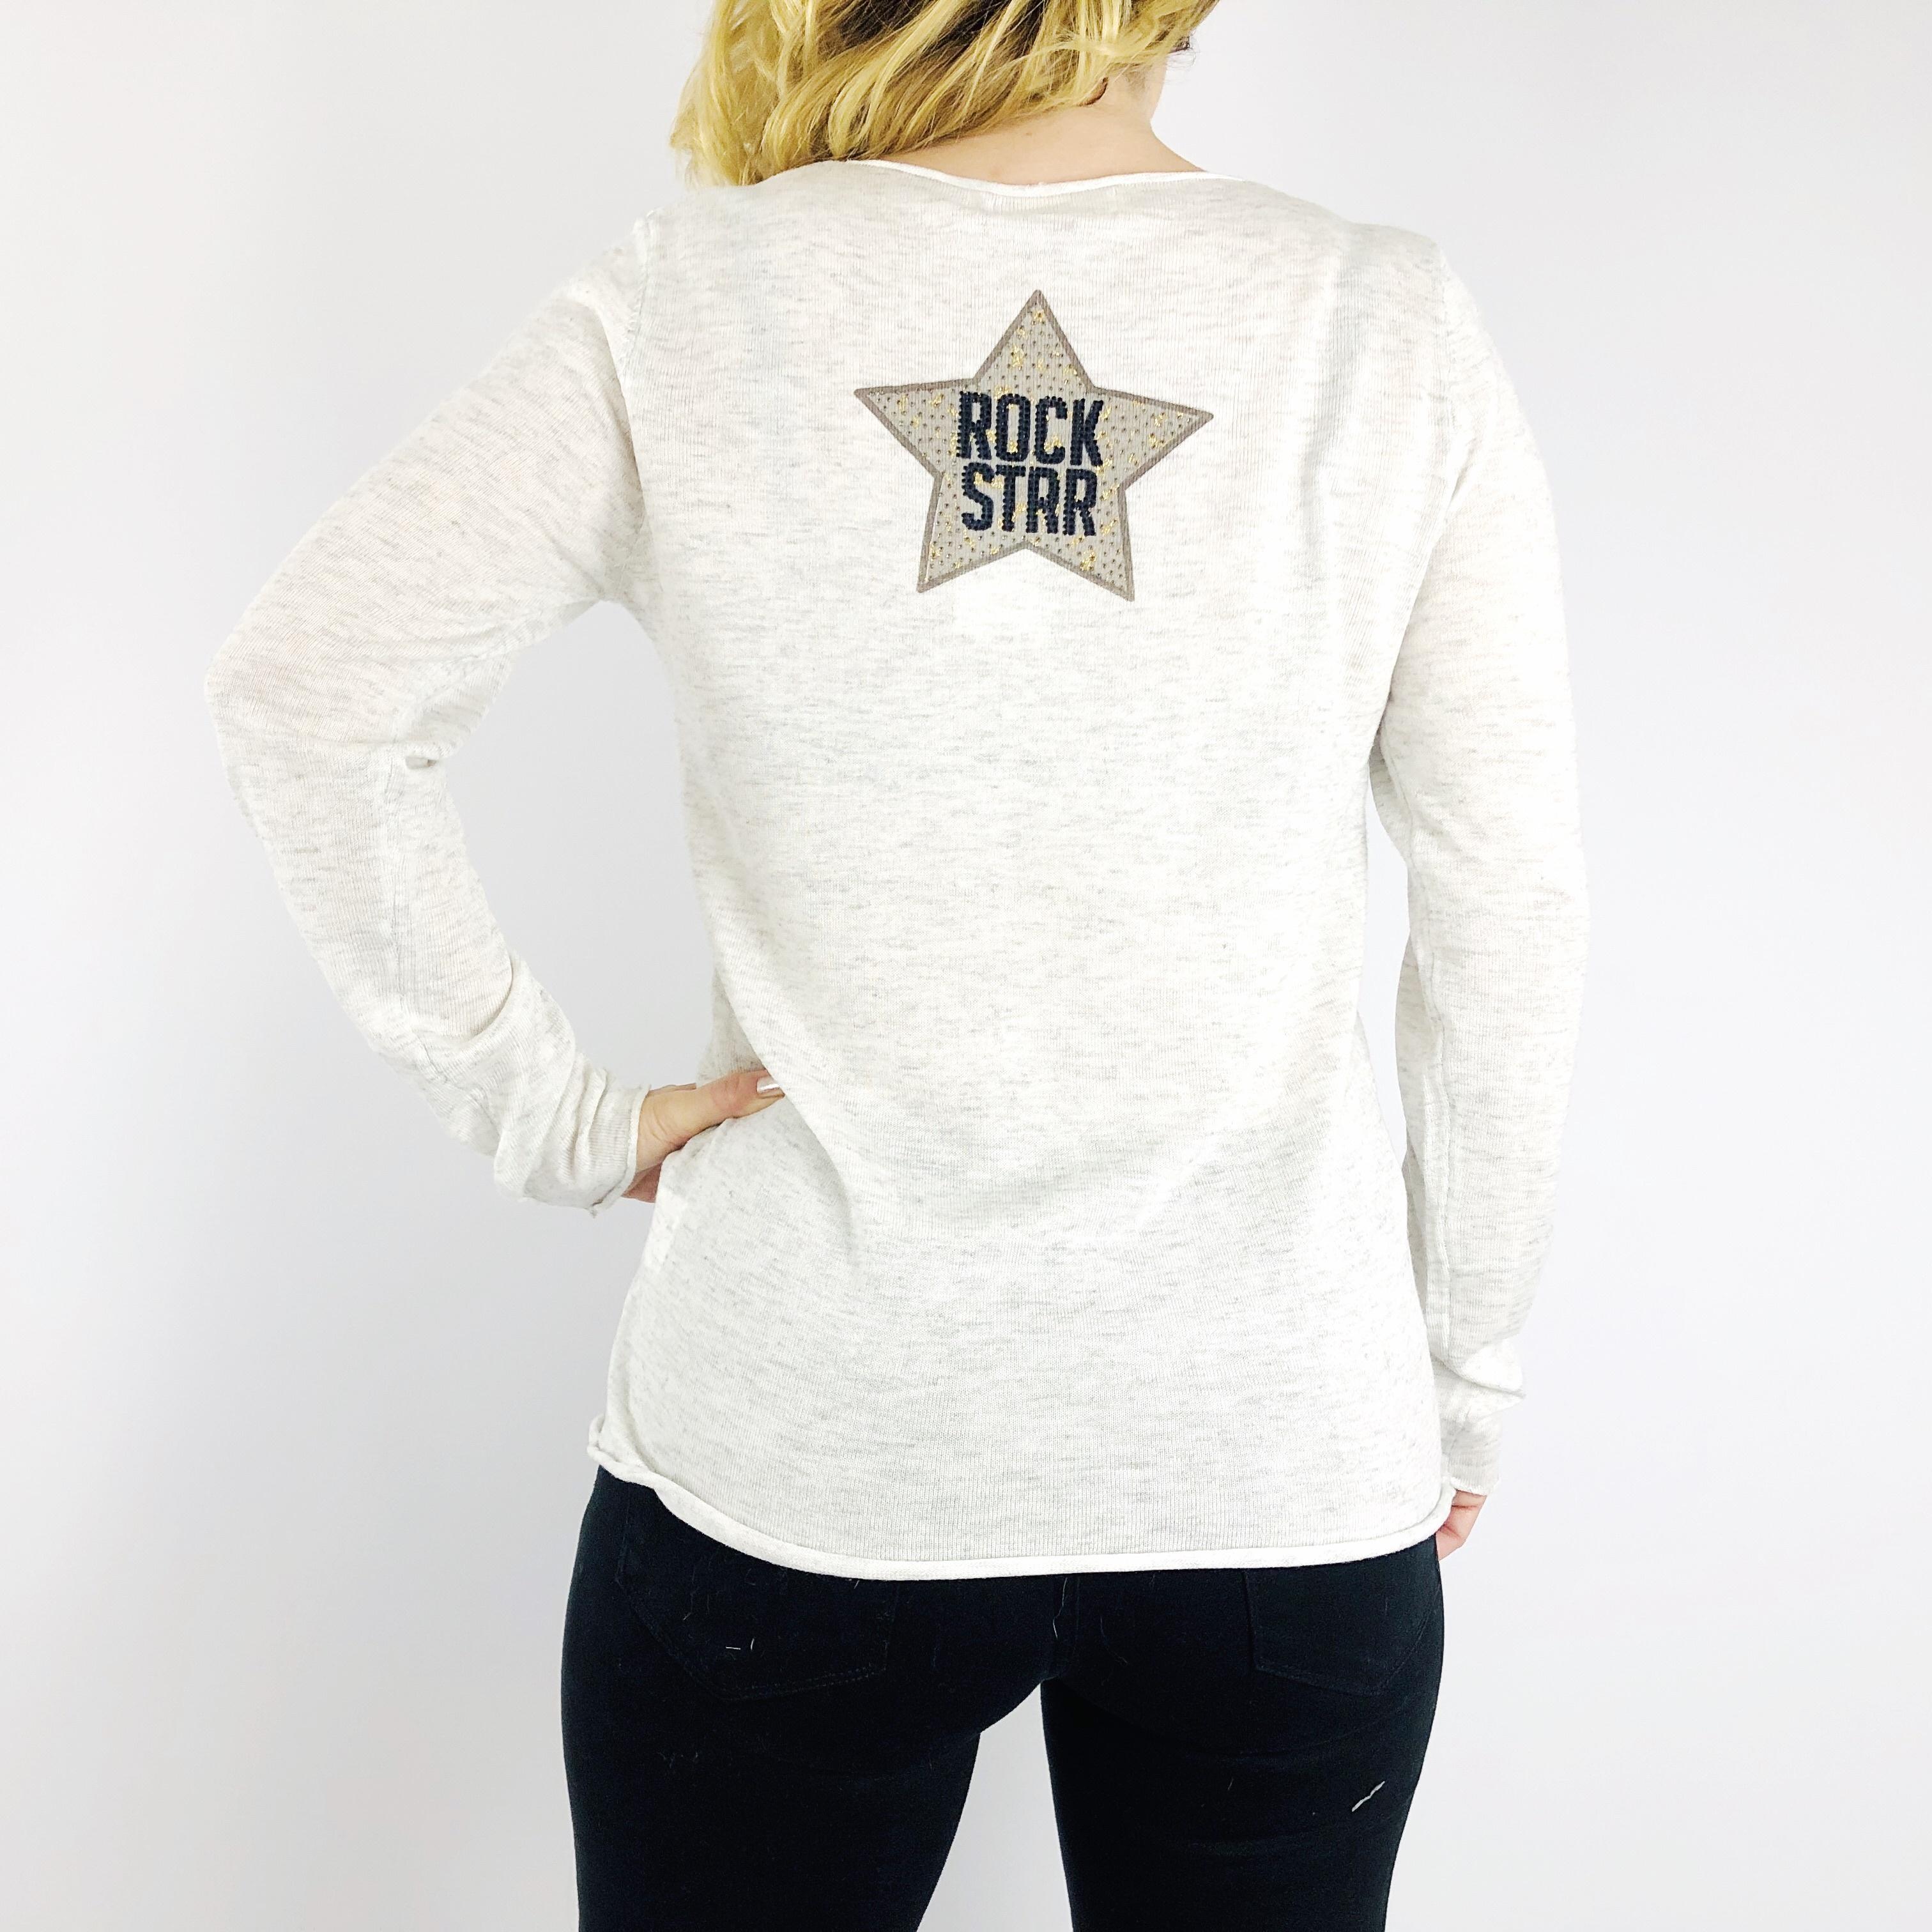 Version Feminin Rock Star Knit